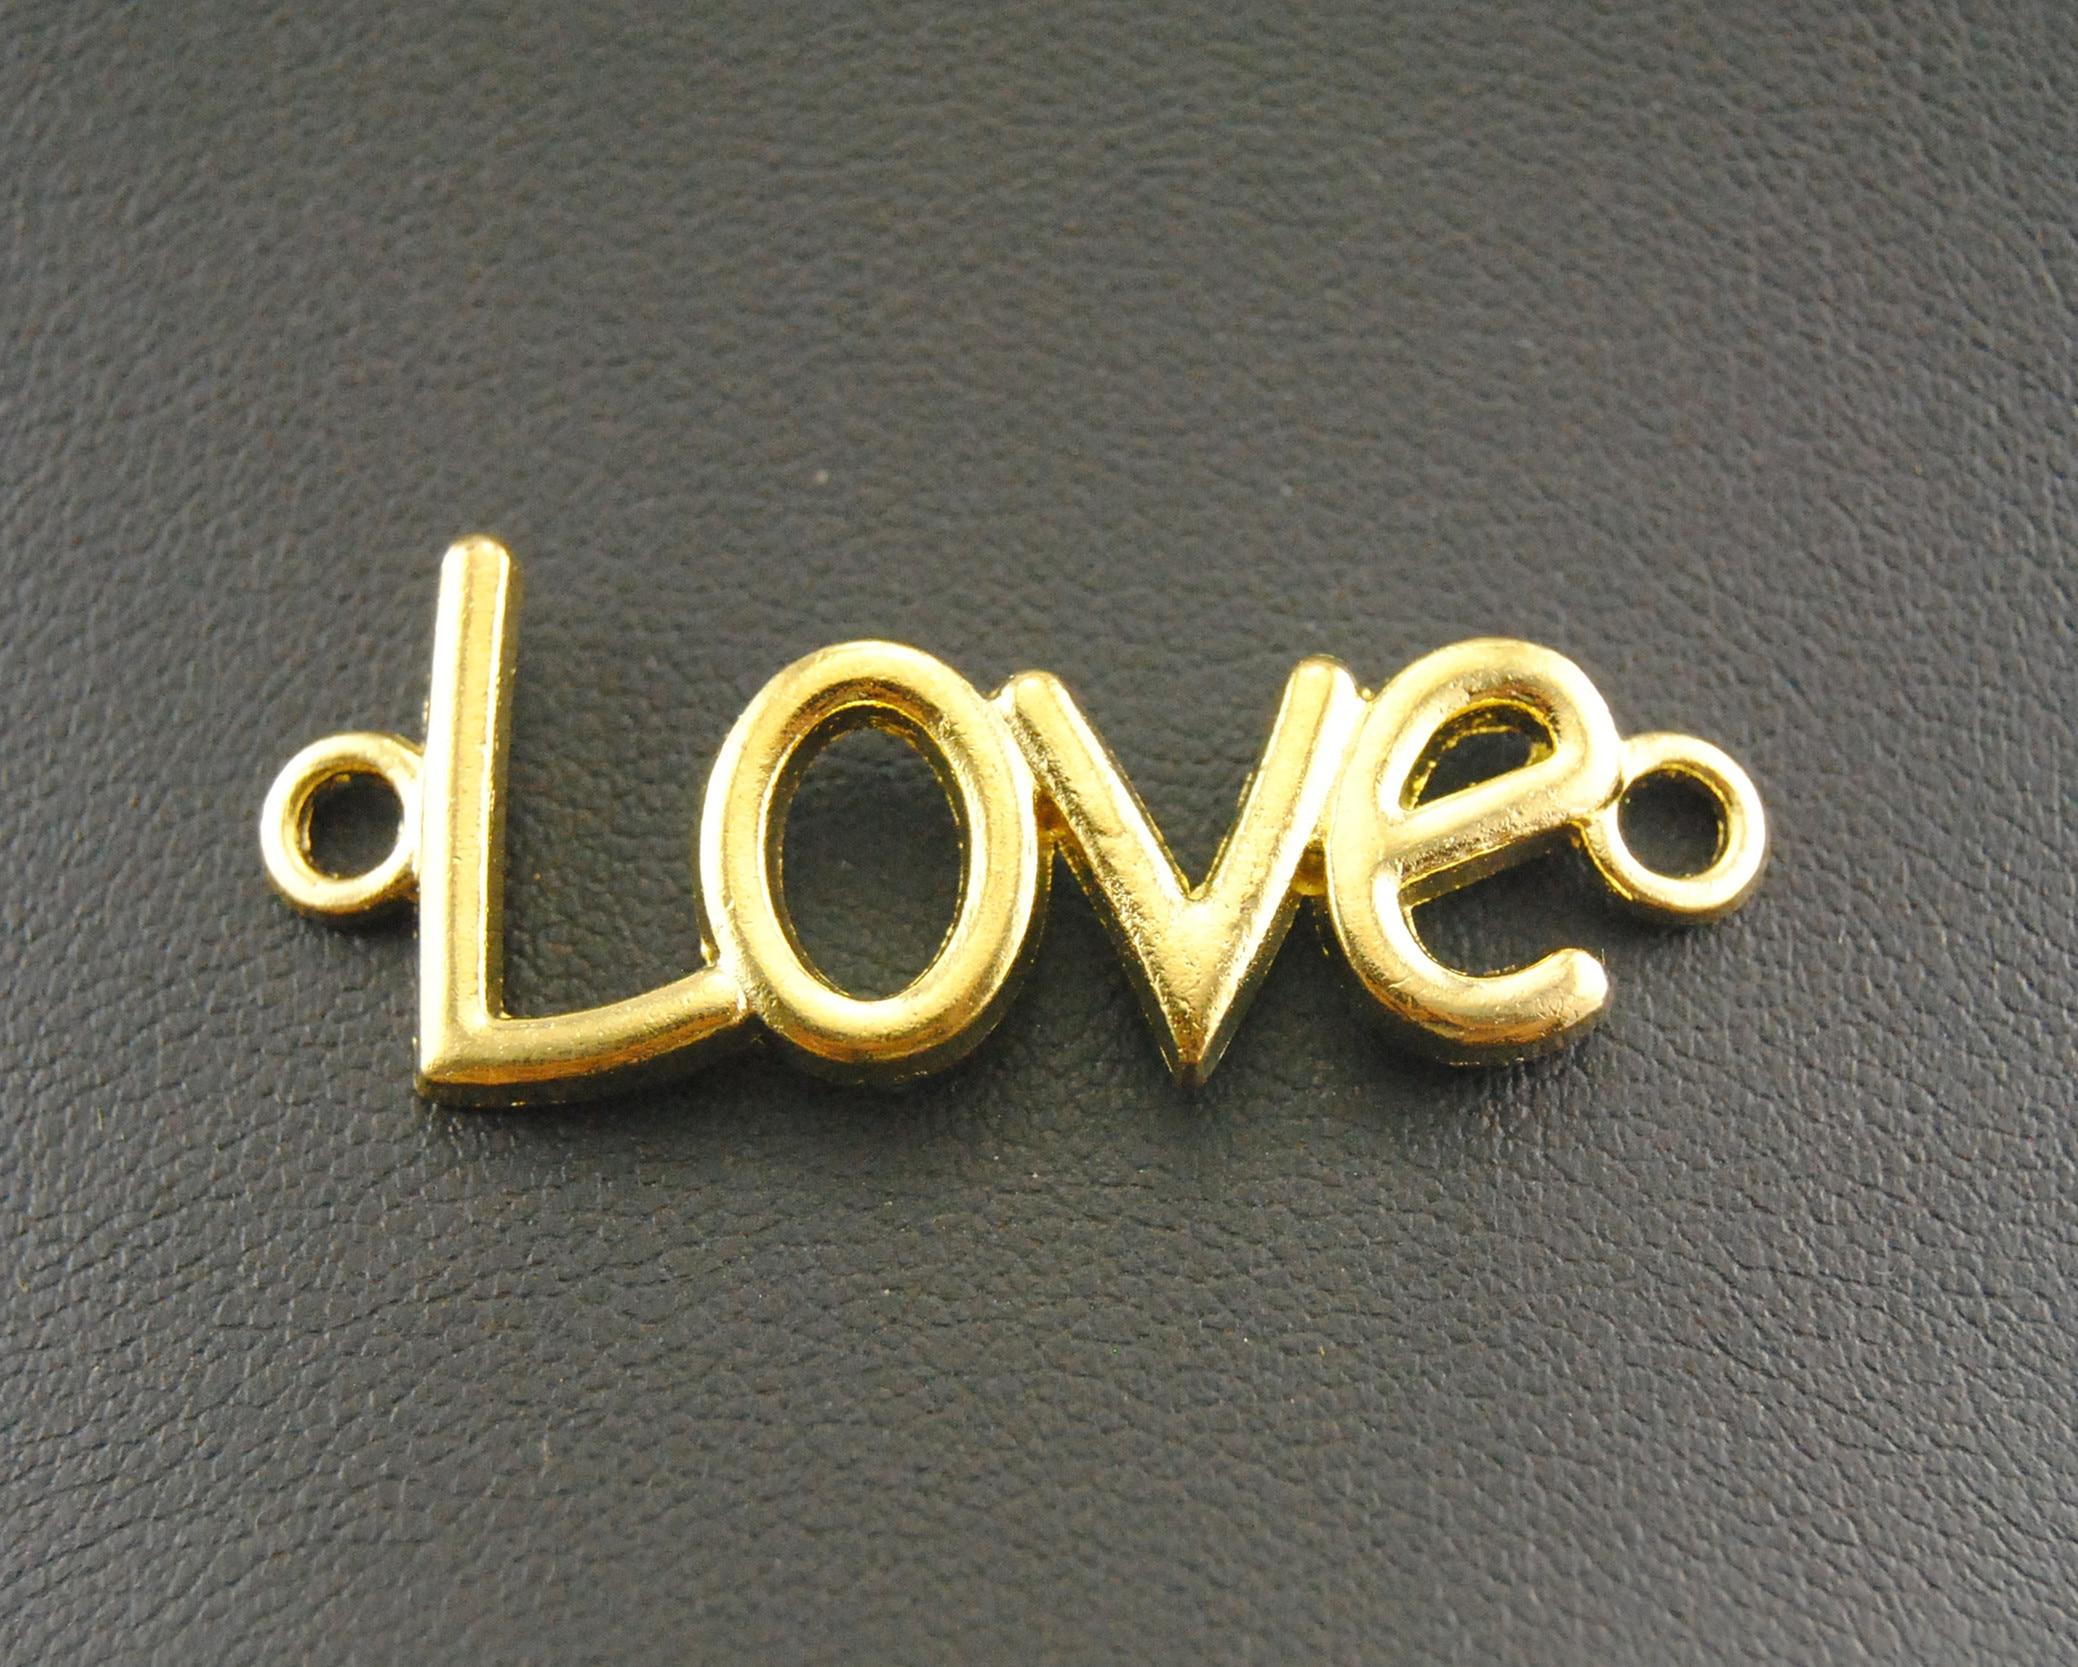 20 шт./лот 4 цвета sideway Любовь Шарм Разъем ювелирные аксессуары бусины - Цвет: gold